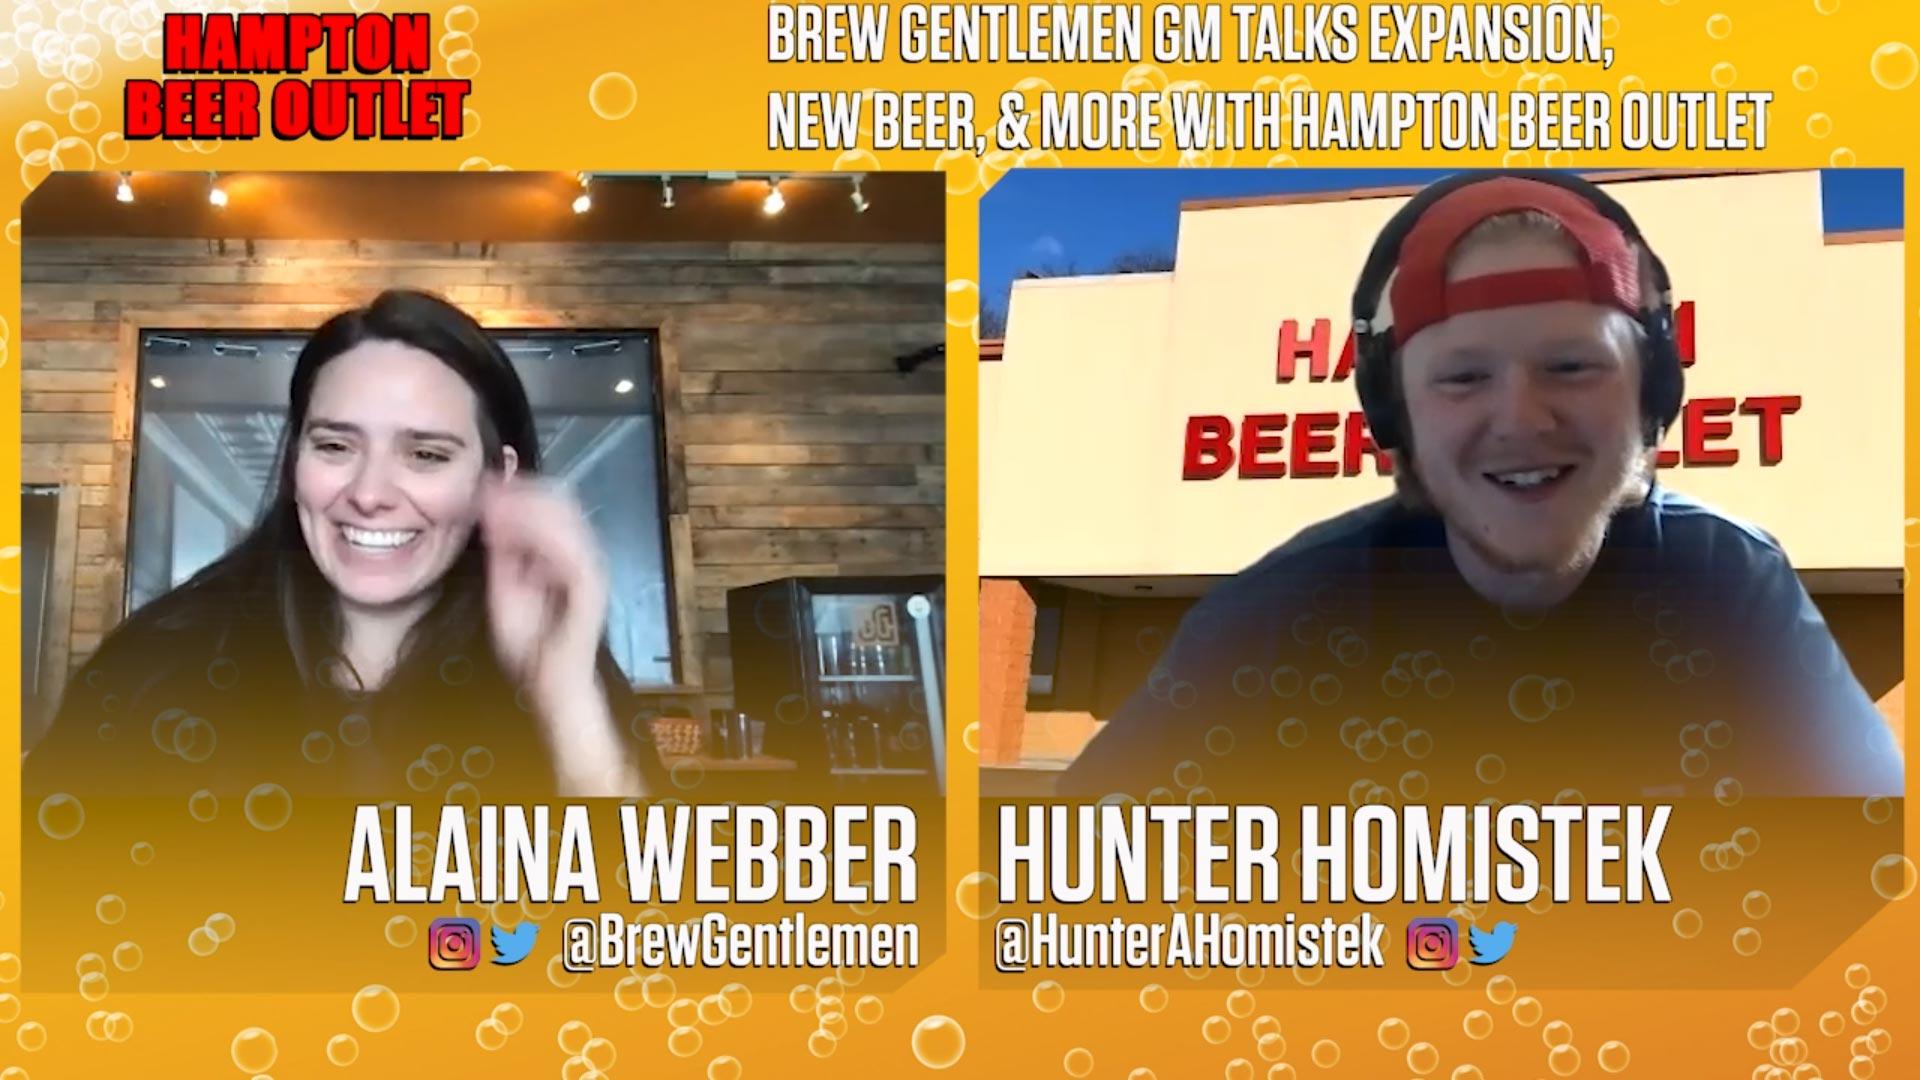 brew-gentlemen-interview-hampton-beer-outlet